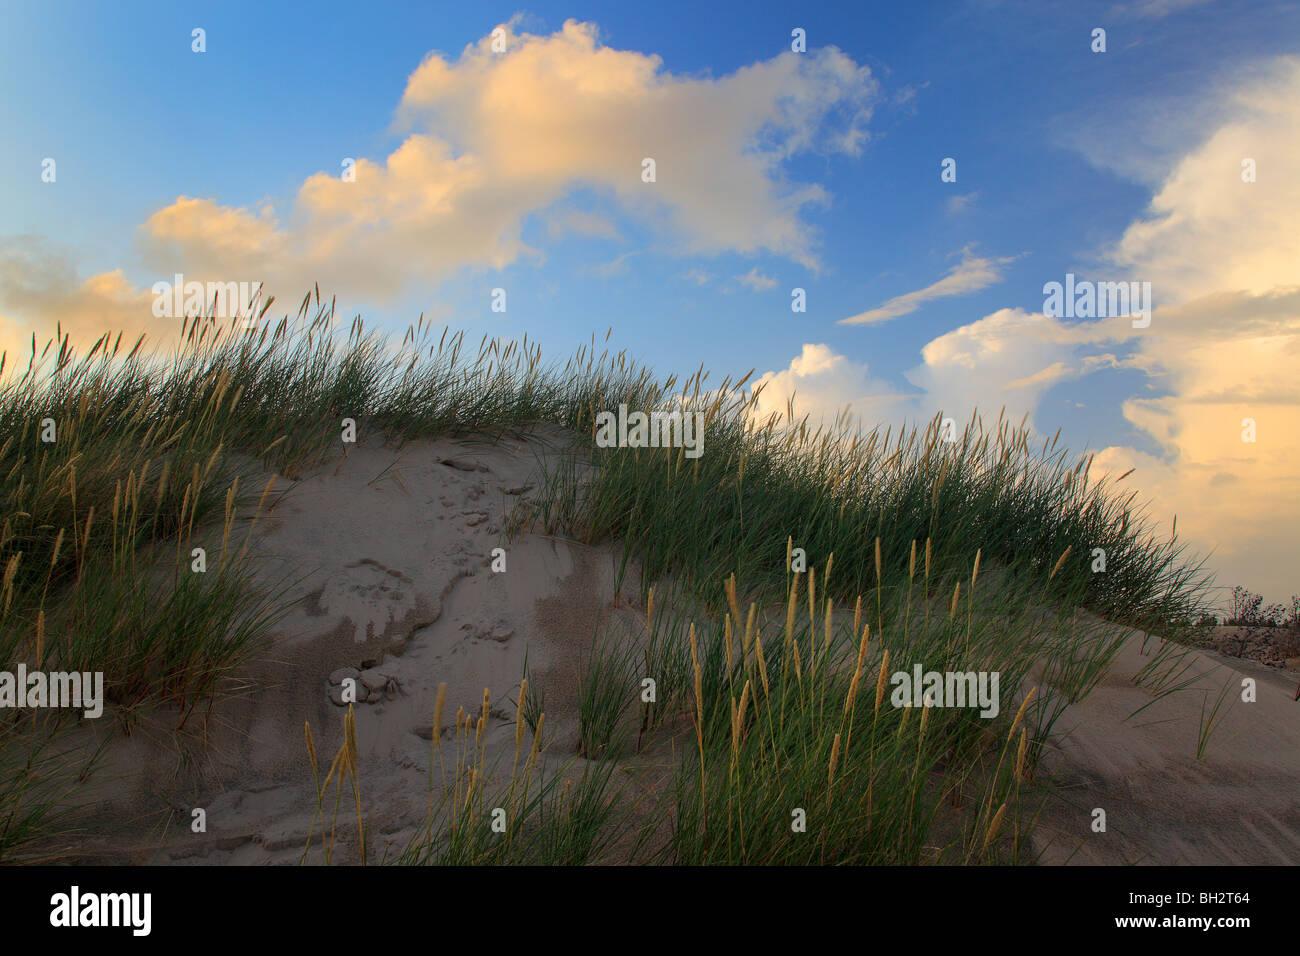 Raabjerg Mile ist eine Migration von Küstendüne zwischen Skagen und Frederikshavn, Dänemark. Stockbild